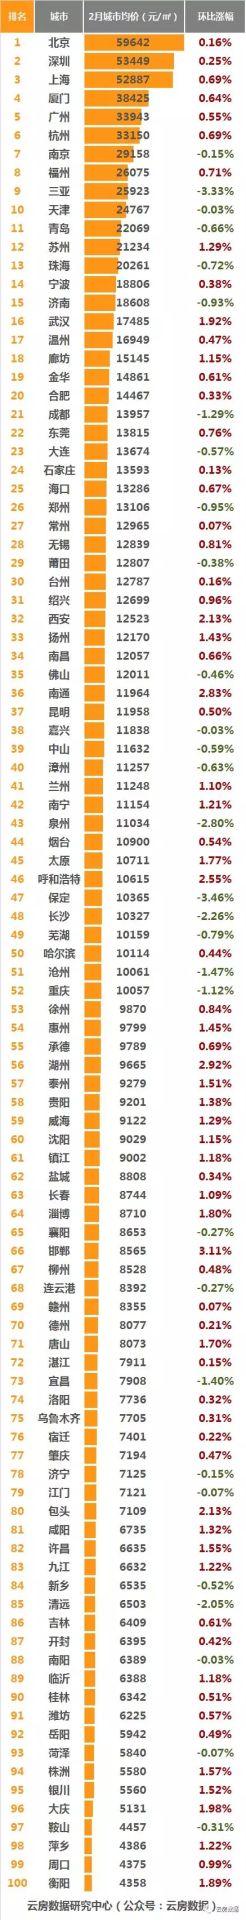 全国房价排名